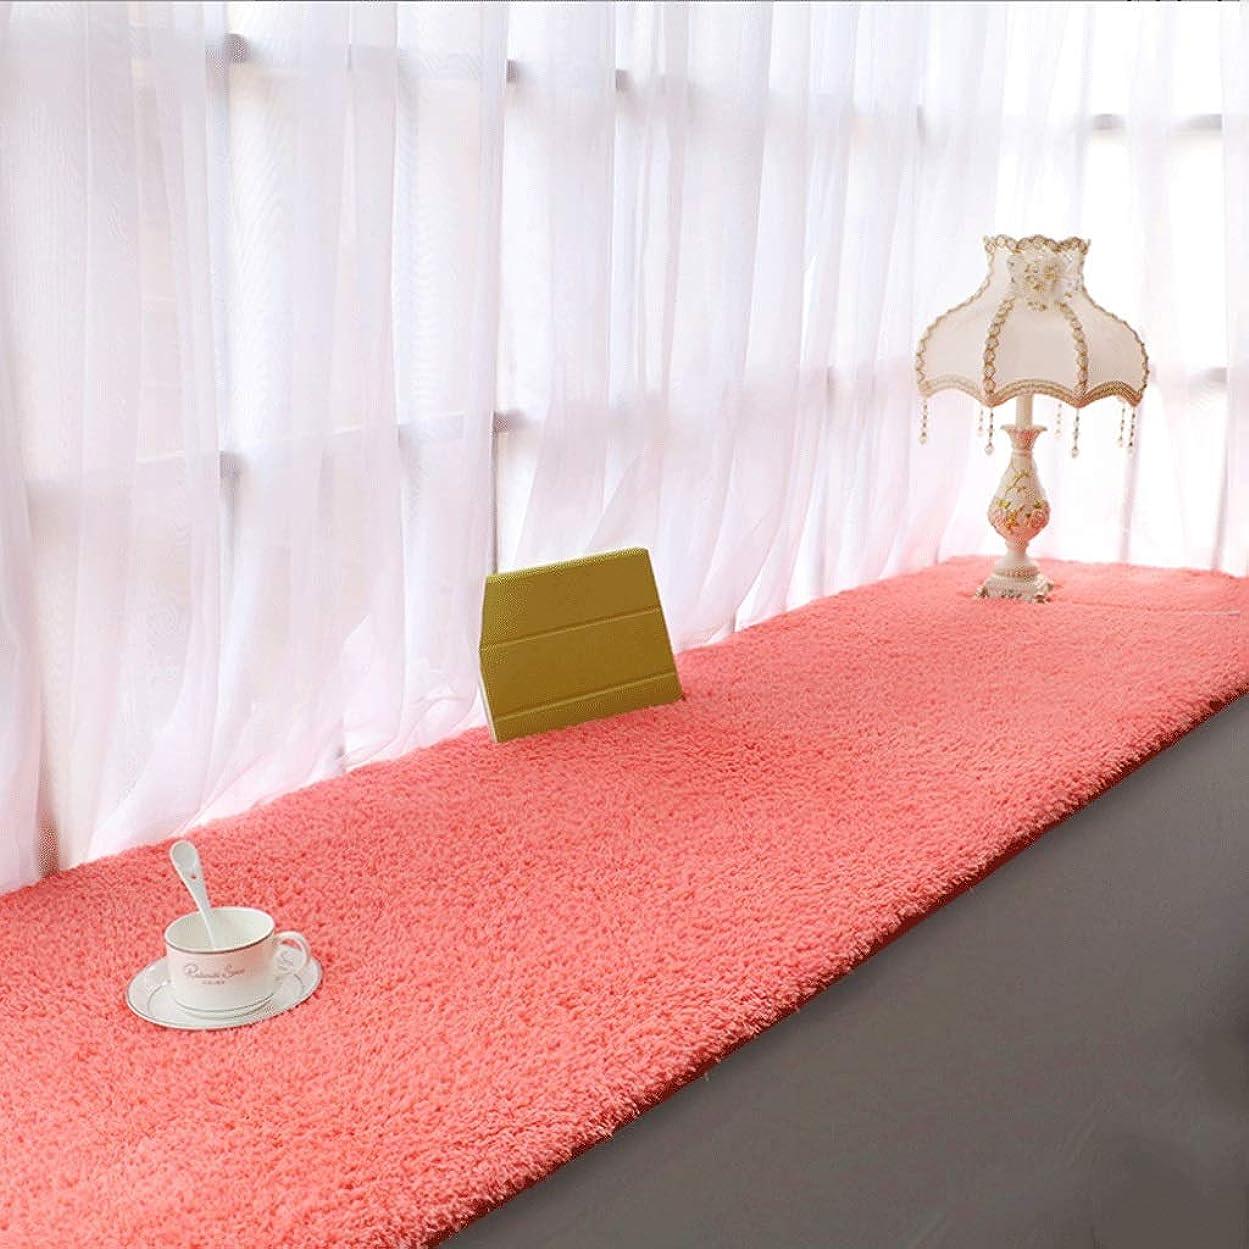 静かなシンプトン初心者出窓パッド/ヨーロッパ式バルコニーぬいぐるみカーペット/寝室畳クッション/座席ソファスリップコーブ/ソファベンチマット (Color : H, Size : 70×190CM)